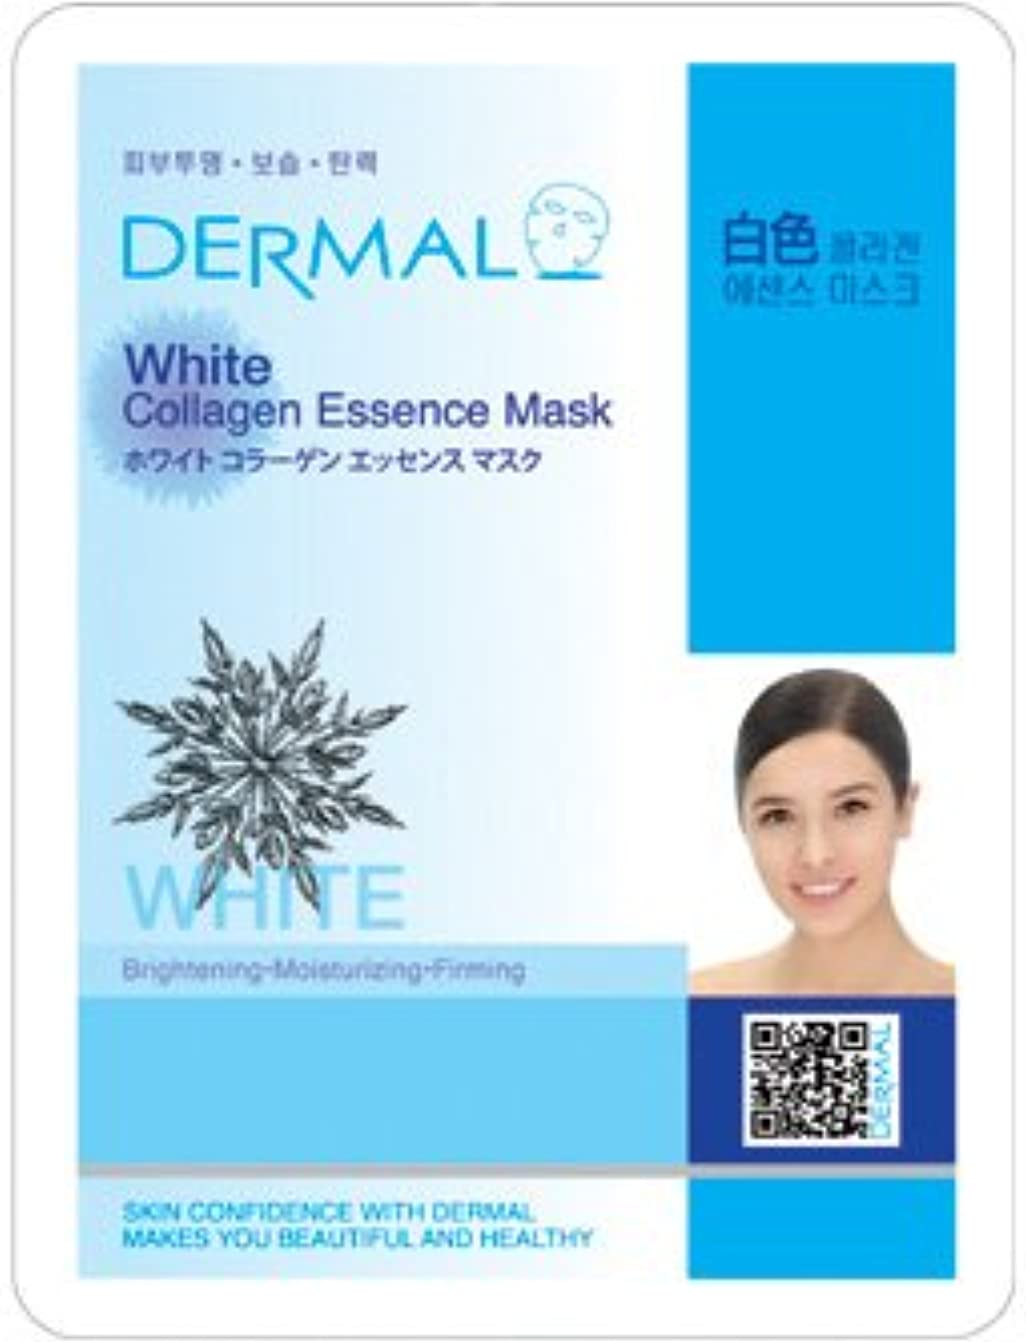 インフレーション異邦人第二にシートマスク ホワイト 100枚セット ダーマル(Dermal) フェイス パック